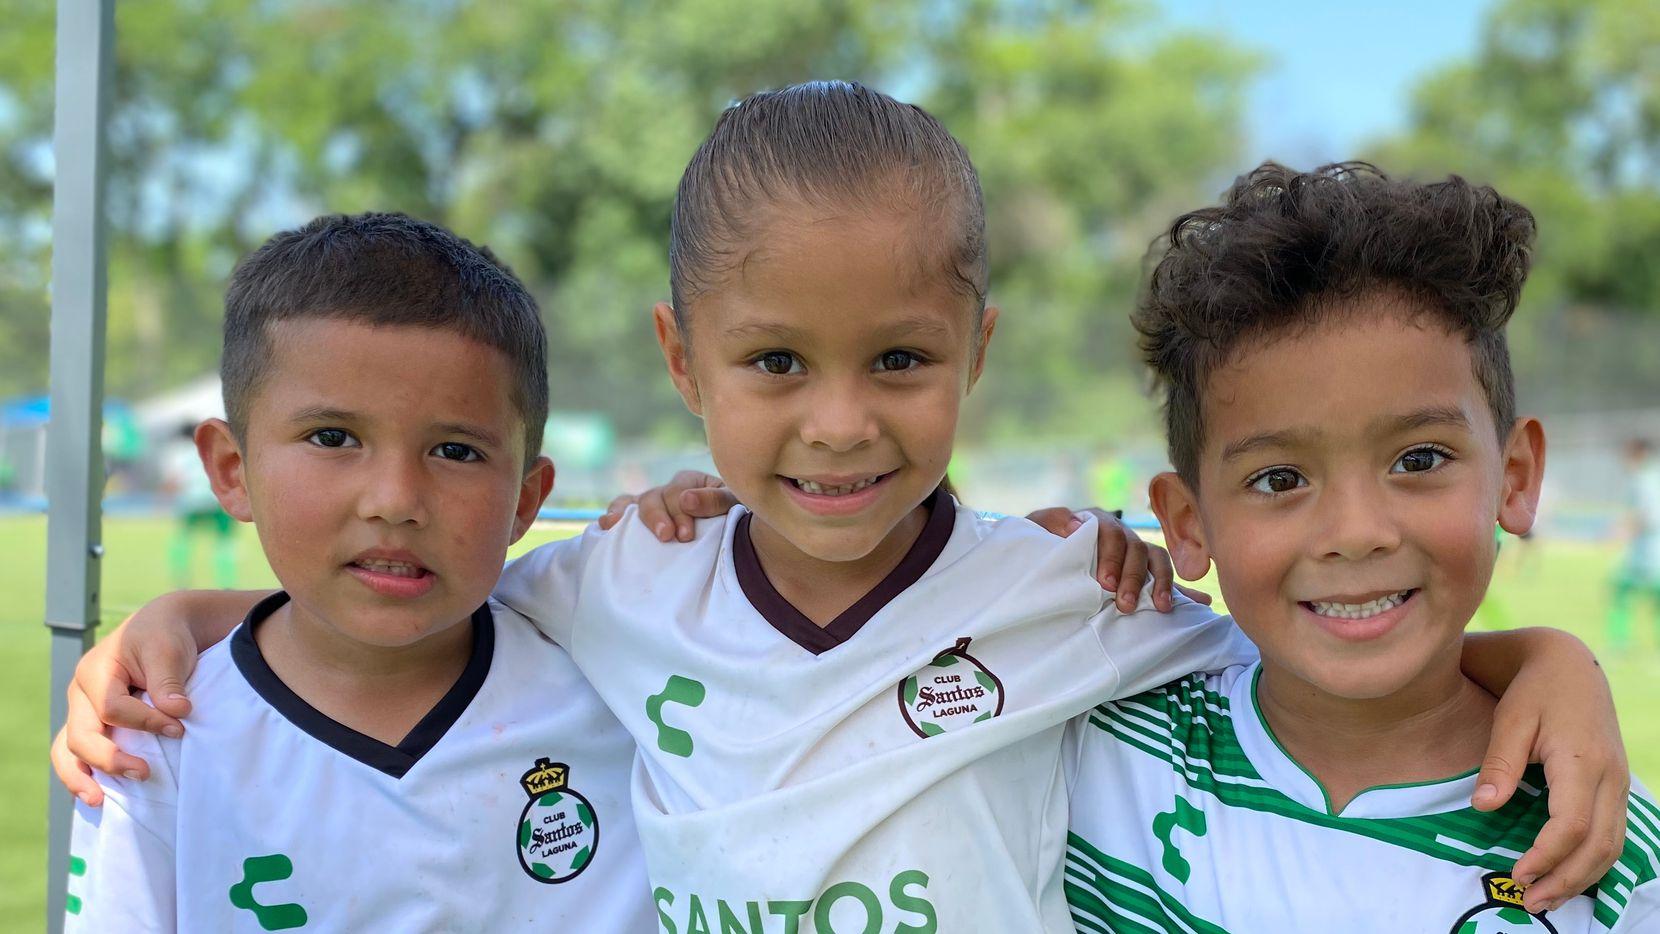 Pequeños que integran equipos de la Academia de Santos Laguna en Dallas Central.